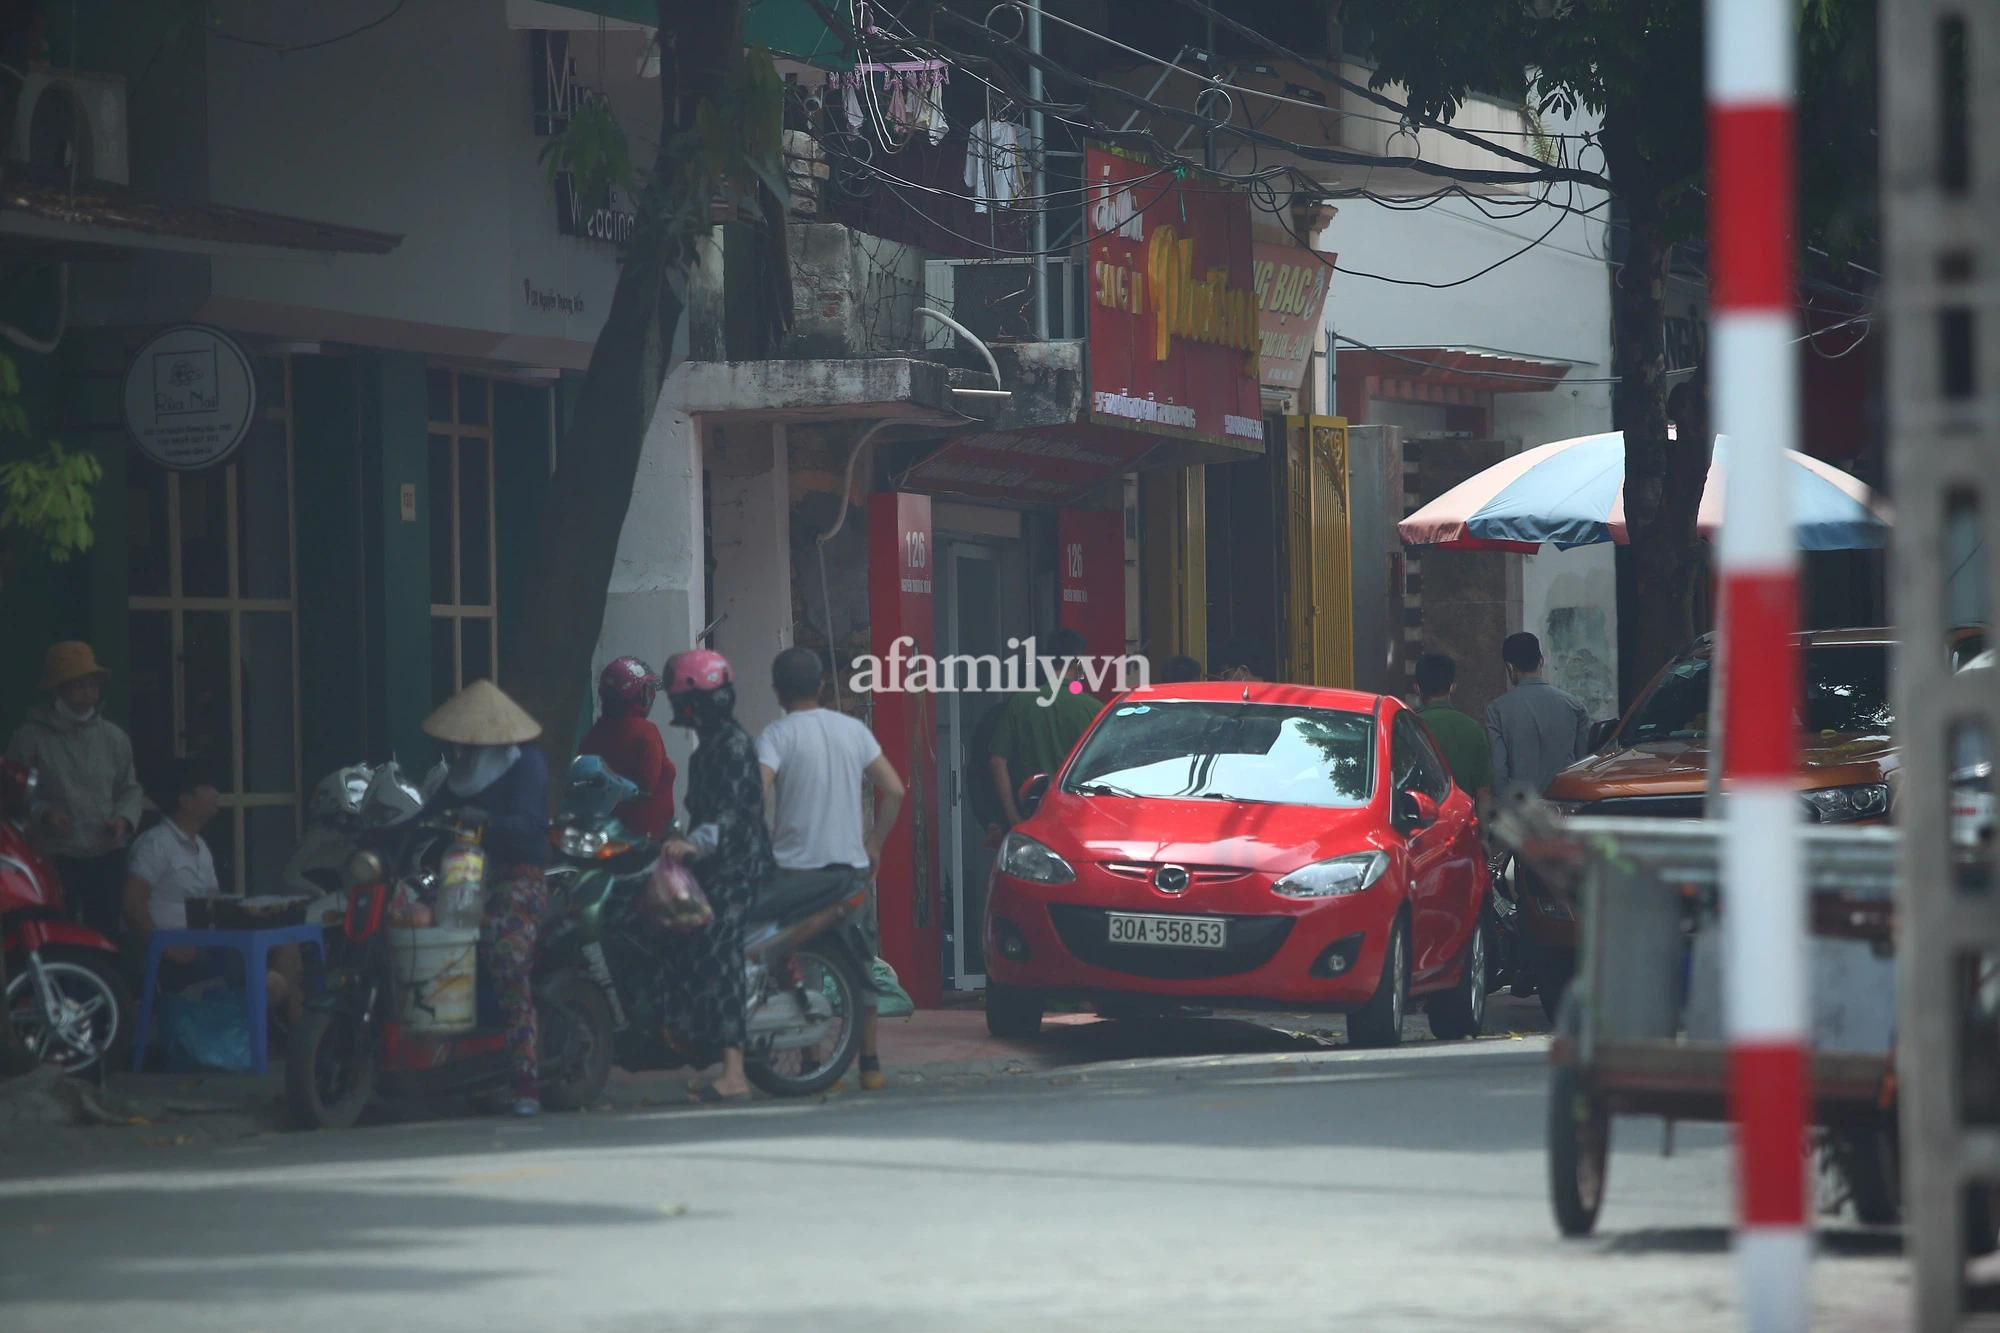 Cảnh sát đã dẫn bị can đến khám nghiệm cửa hàng áo dài ở số nhà 126 Nguyễn Thượng Mẫn, TP Hải Dương. Đây là nơi vợ chồng Năng từng thuê để mở hiệu thuốc.